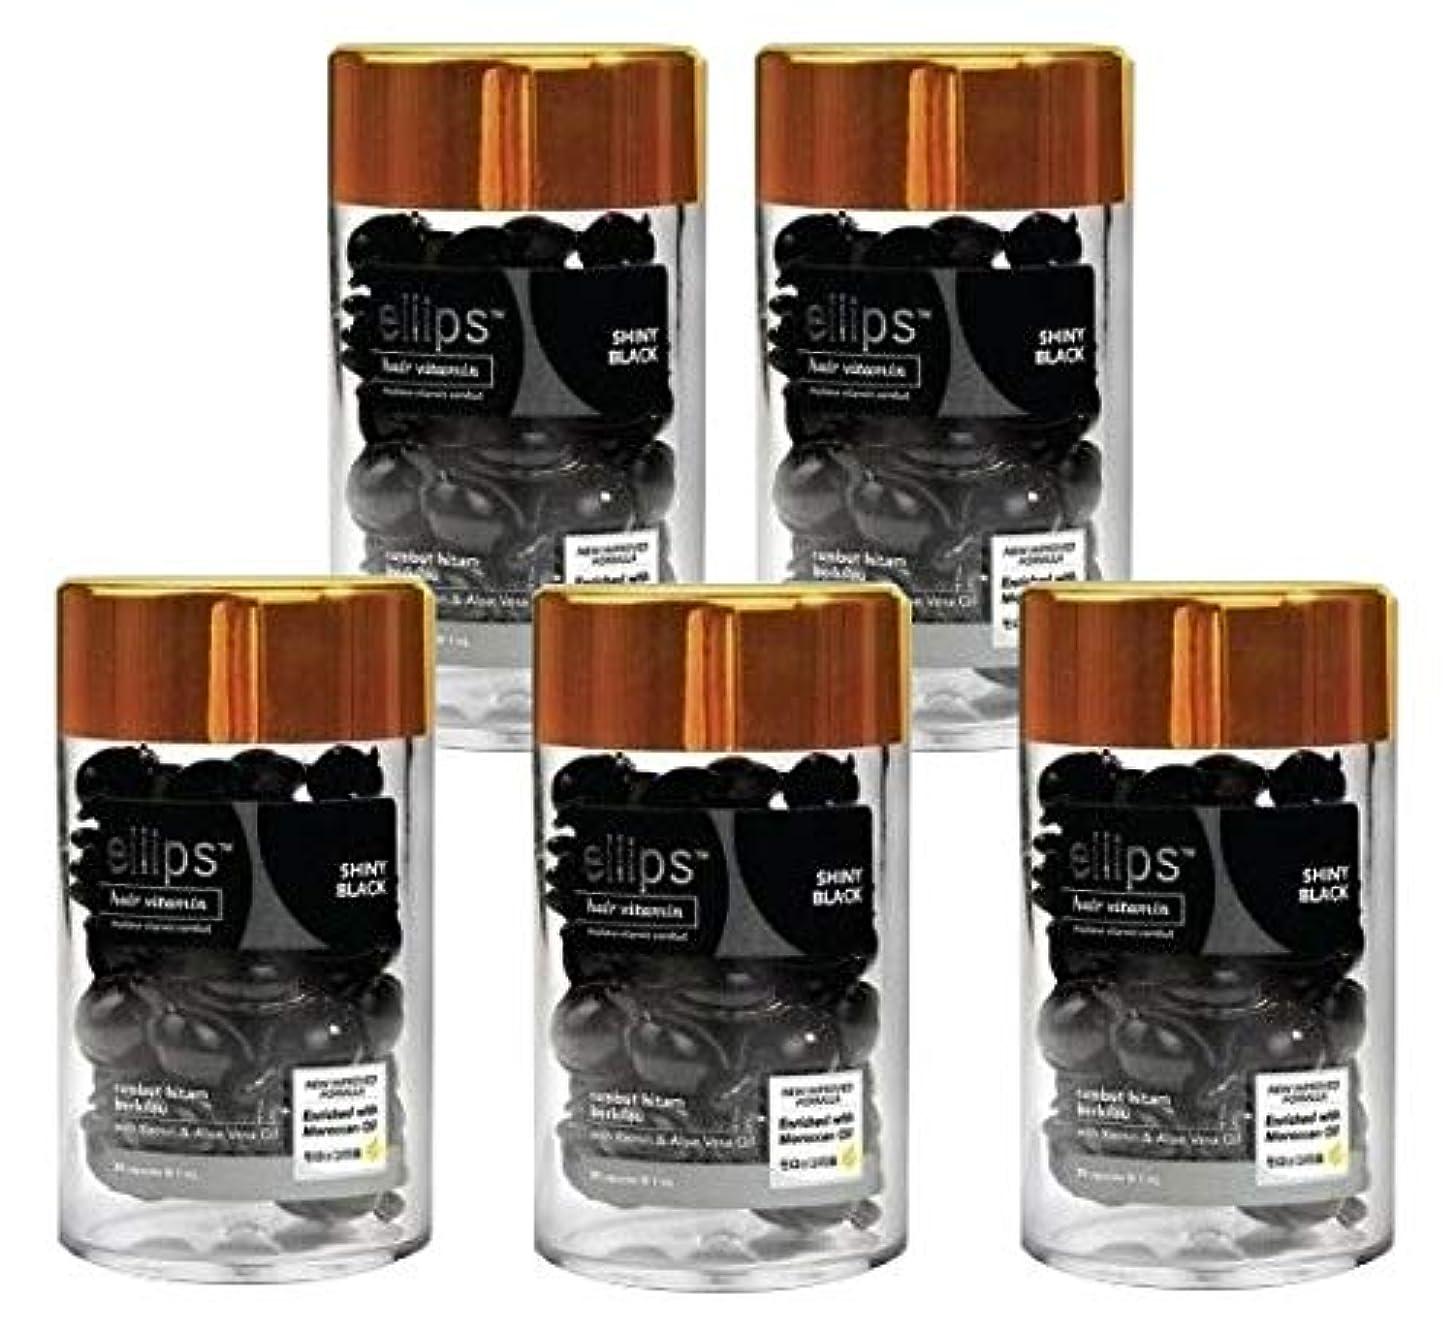 ドール運営神話エリップス ellips ヘアビタミン ヘアトリートメント 50粒 ボトル ブラック お得な5本セット [並行輸入品]